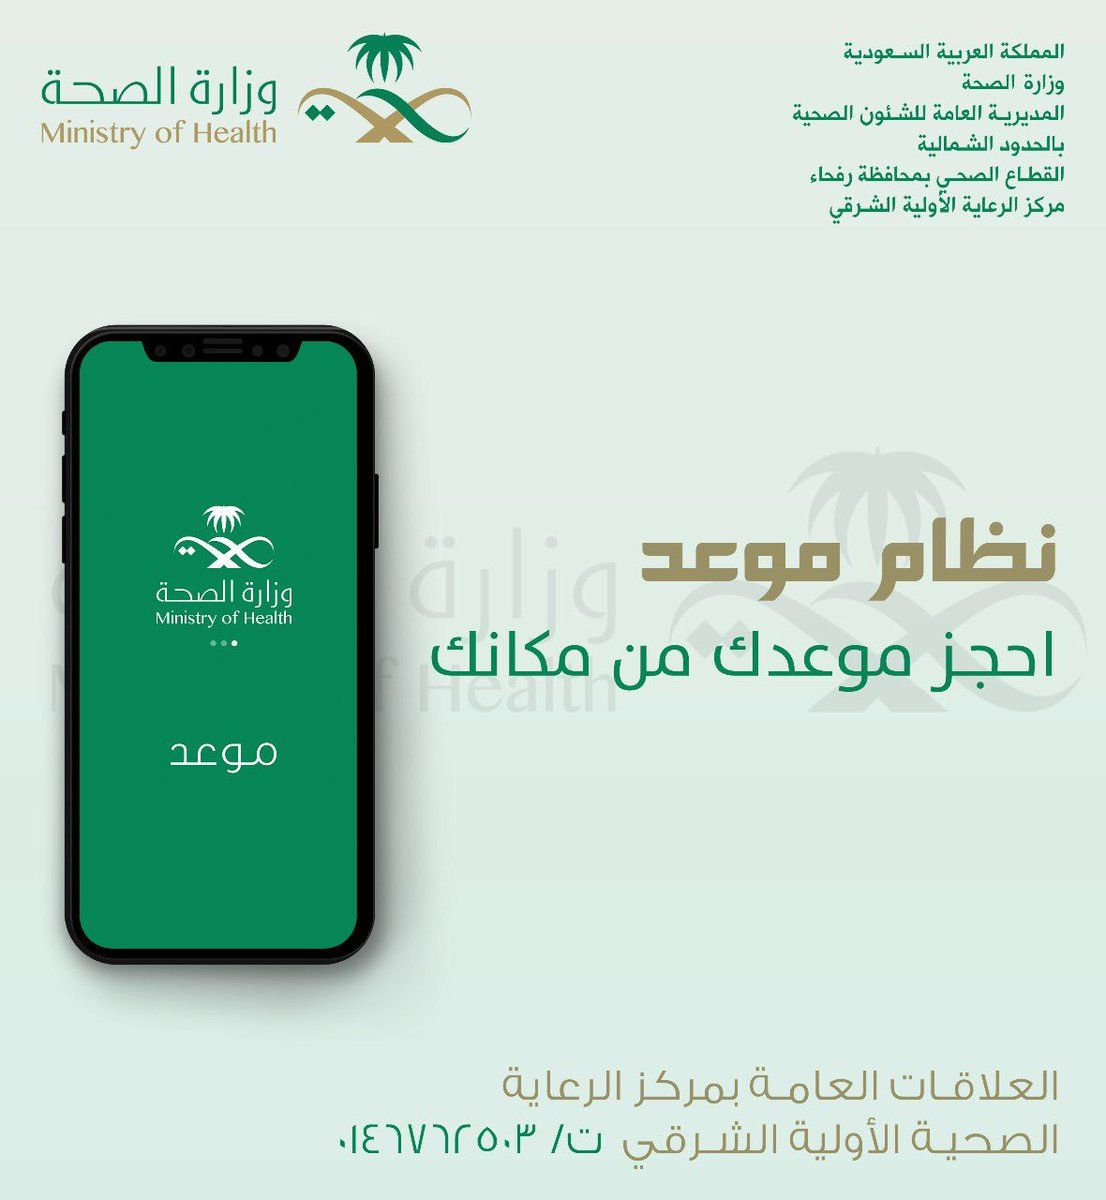 تسجيل المواعيد عبر تطبيق وزارة الصحة